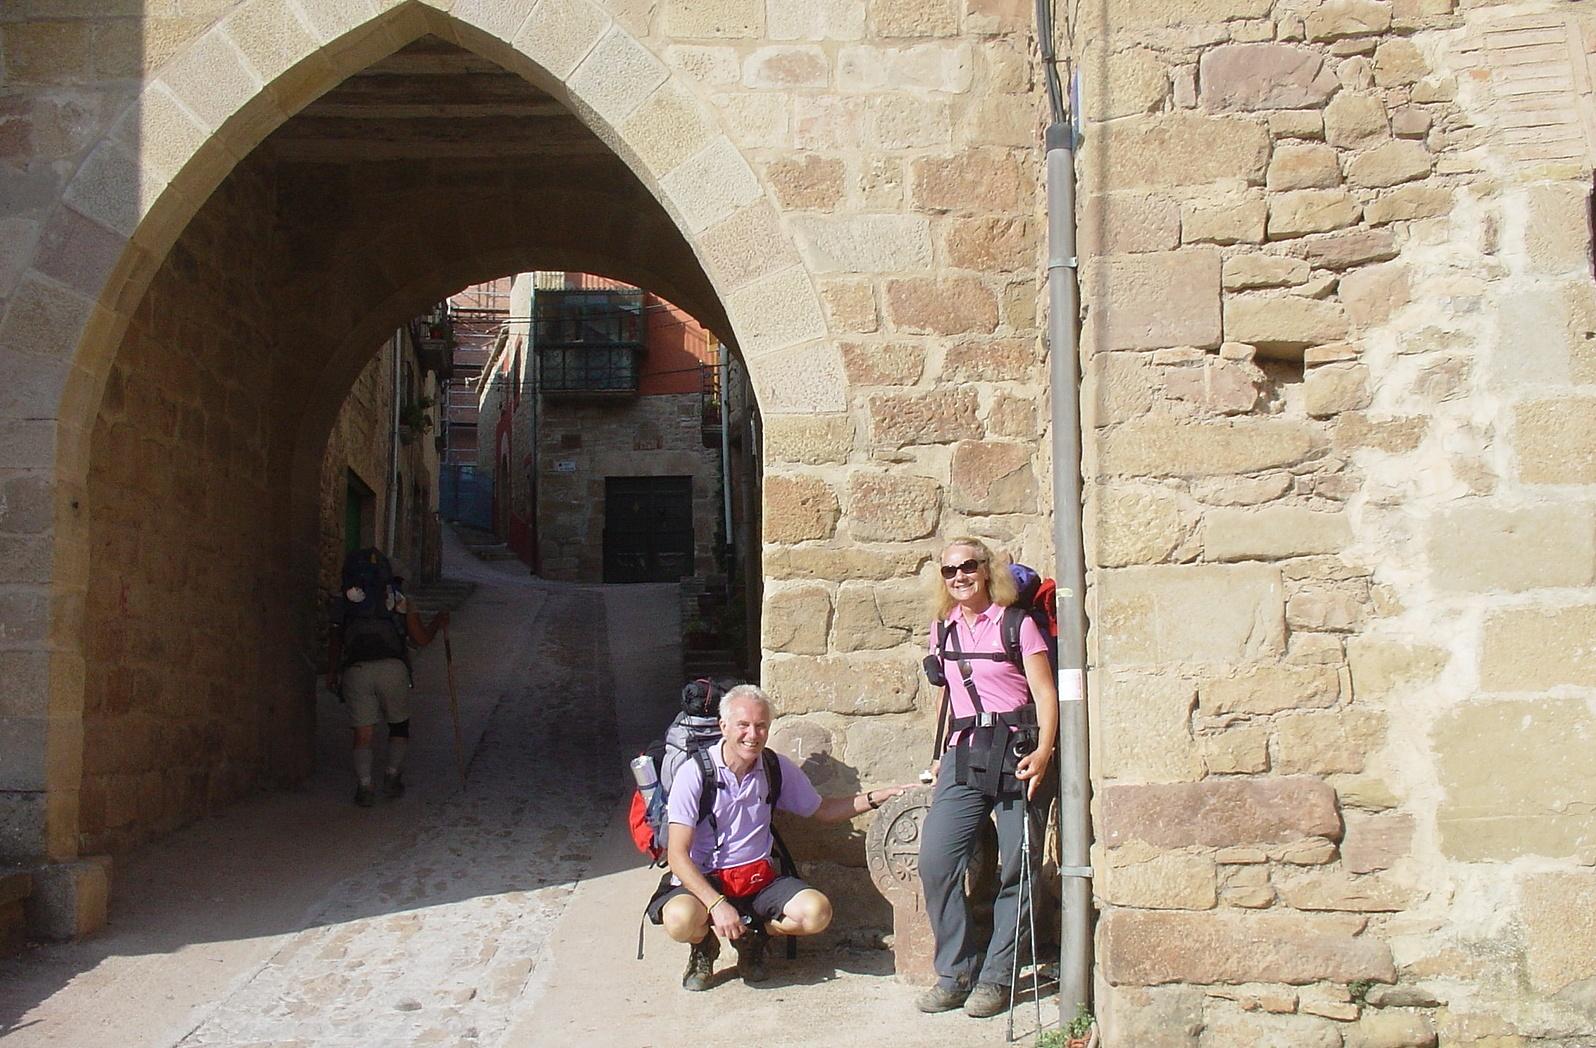 mit einer schweizer Pilgerin am Stadttor von Lorca